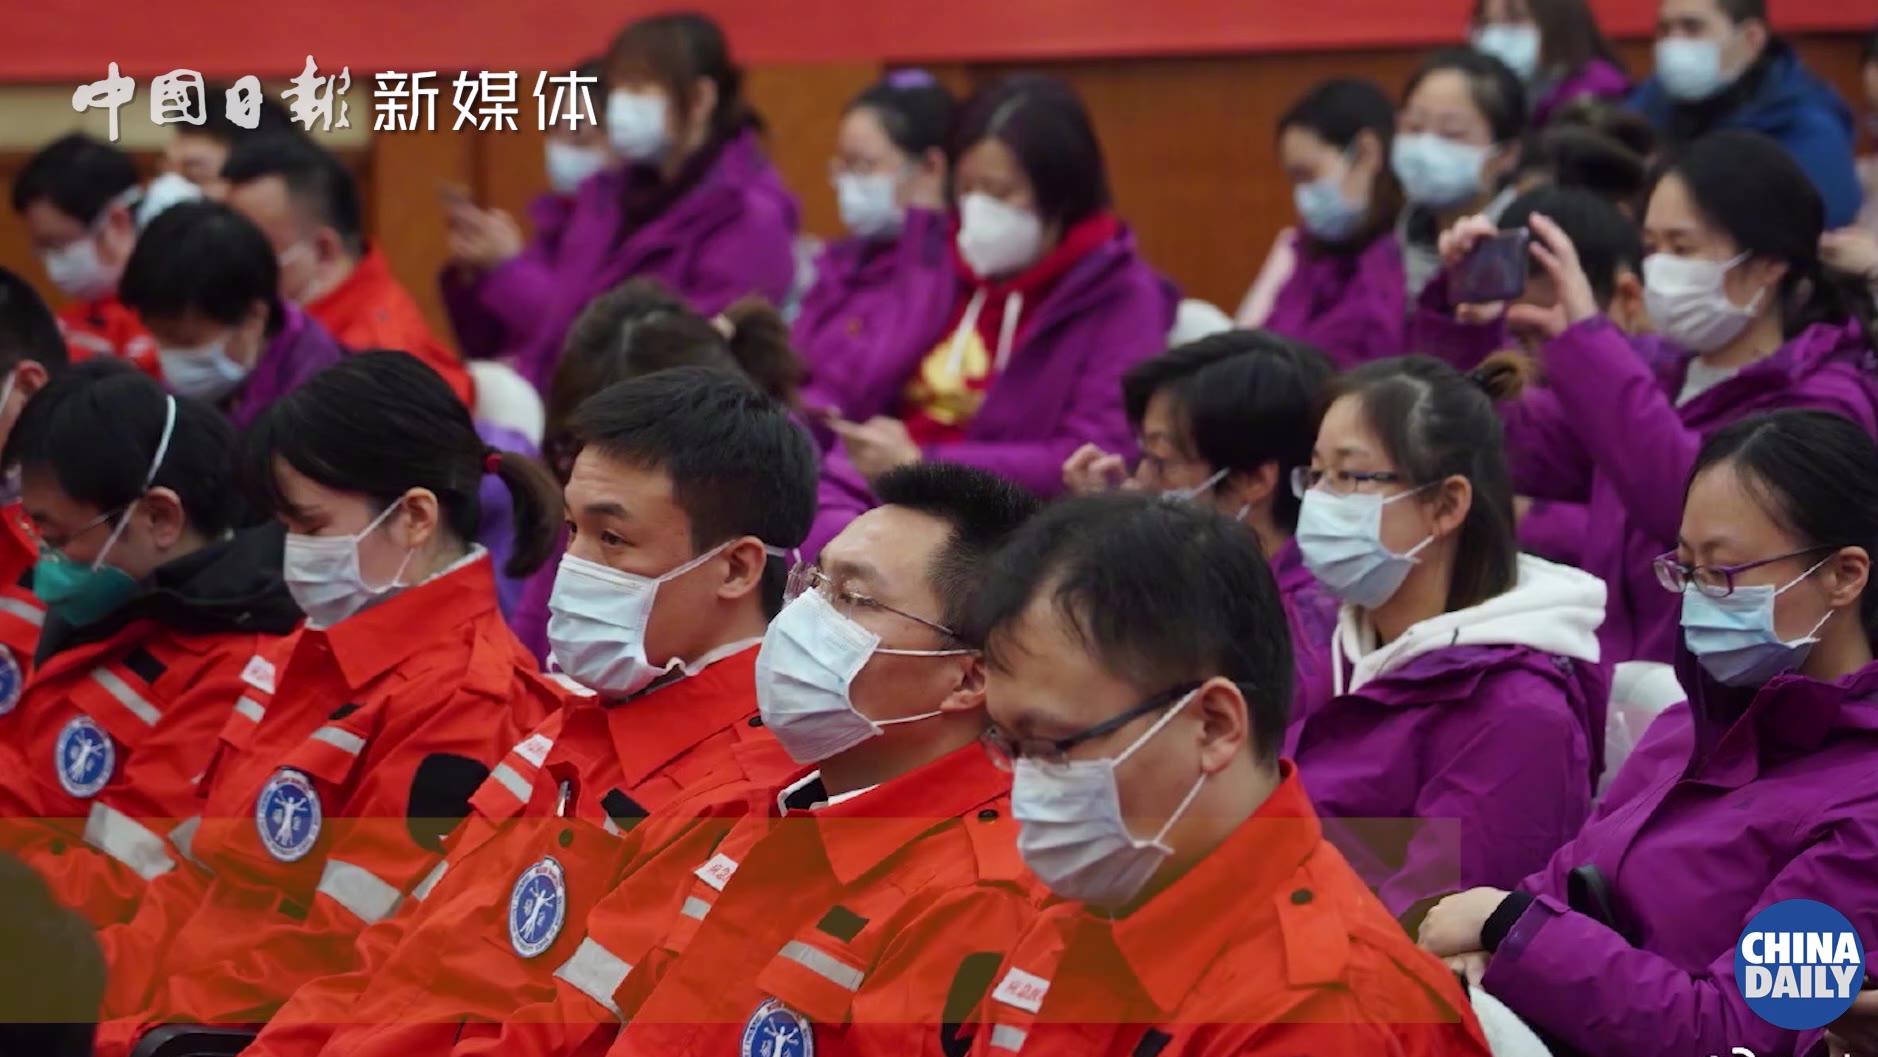 上海瑞金医院第四批援鄂医疗队共136人 奔赴武汉